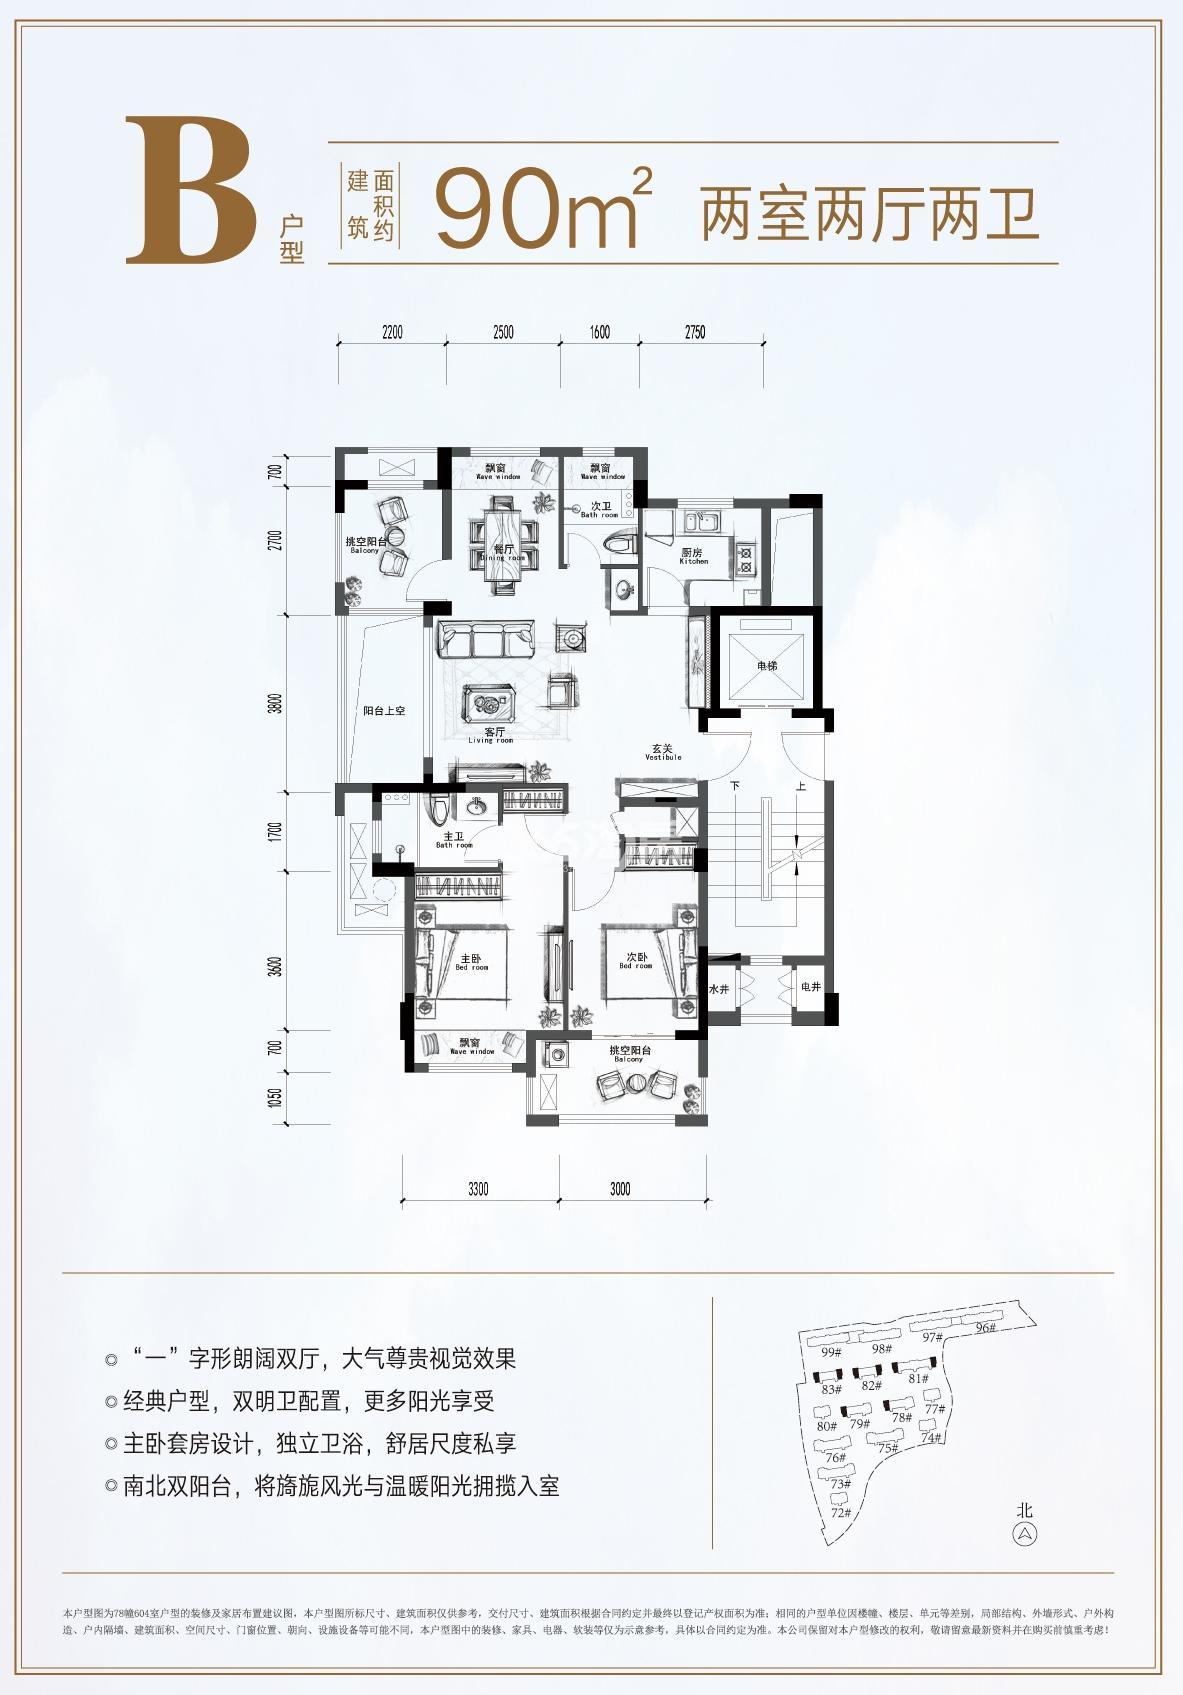 中天珺府B户型90㎡(78、79#西边套,81-83#边套)